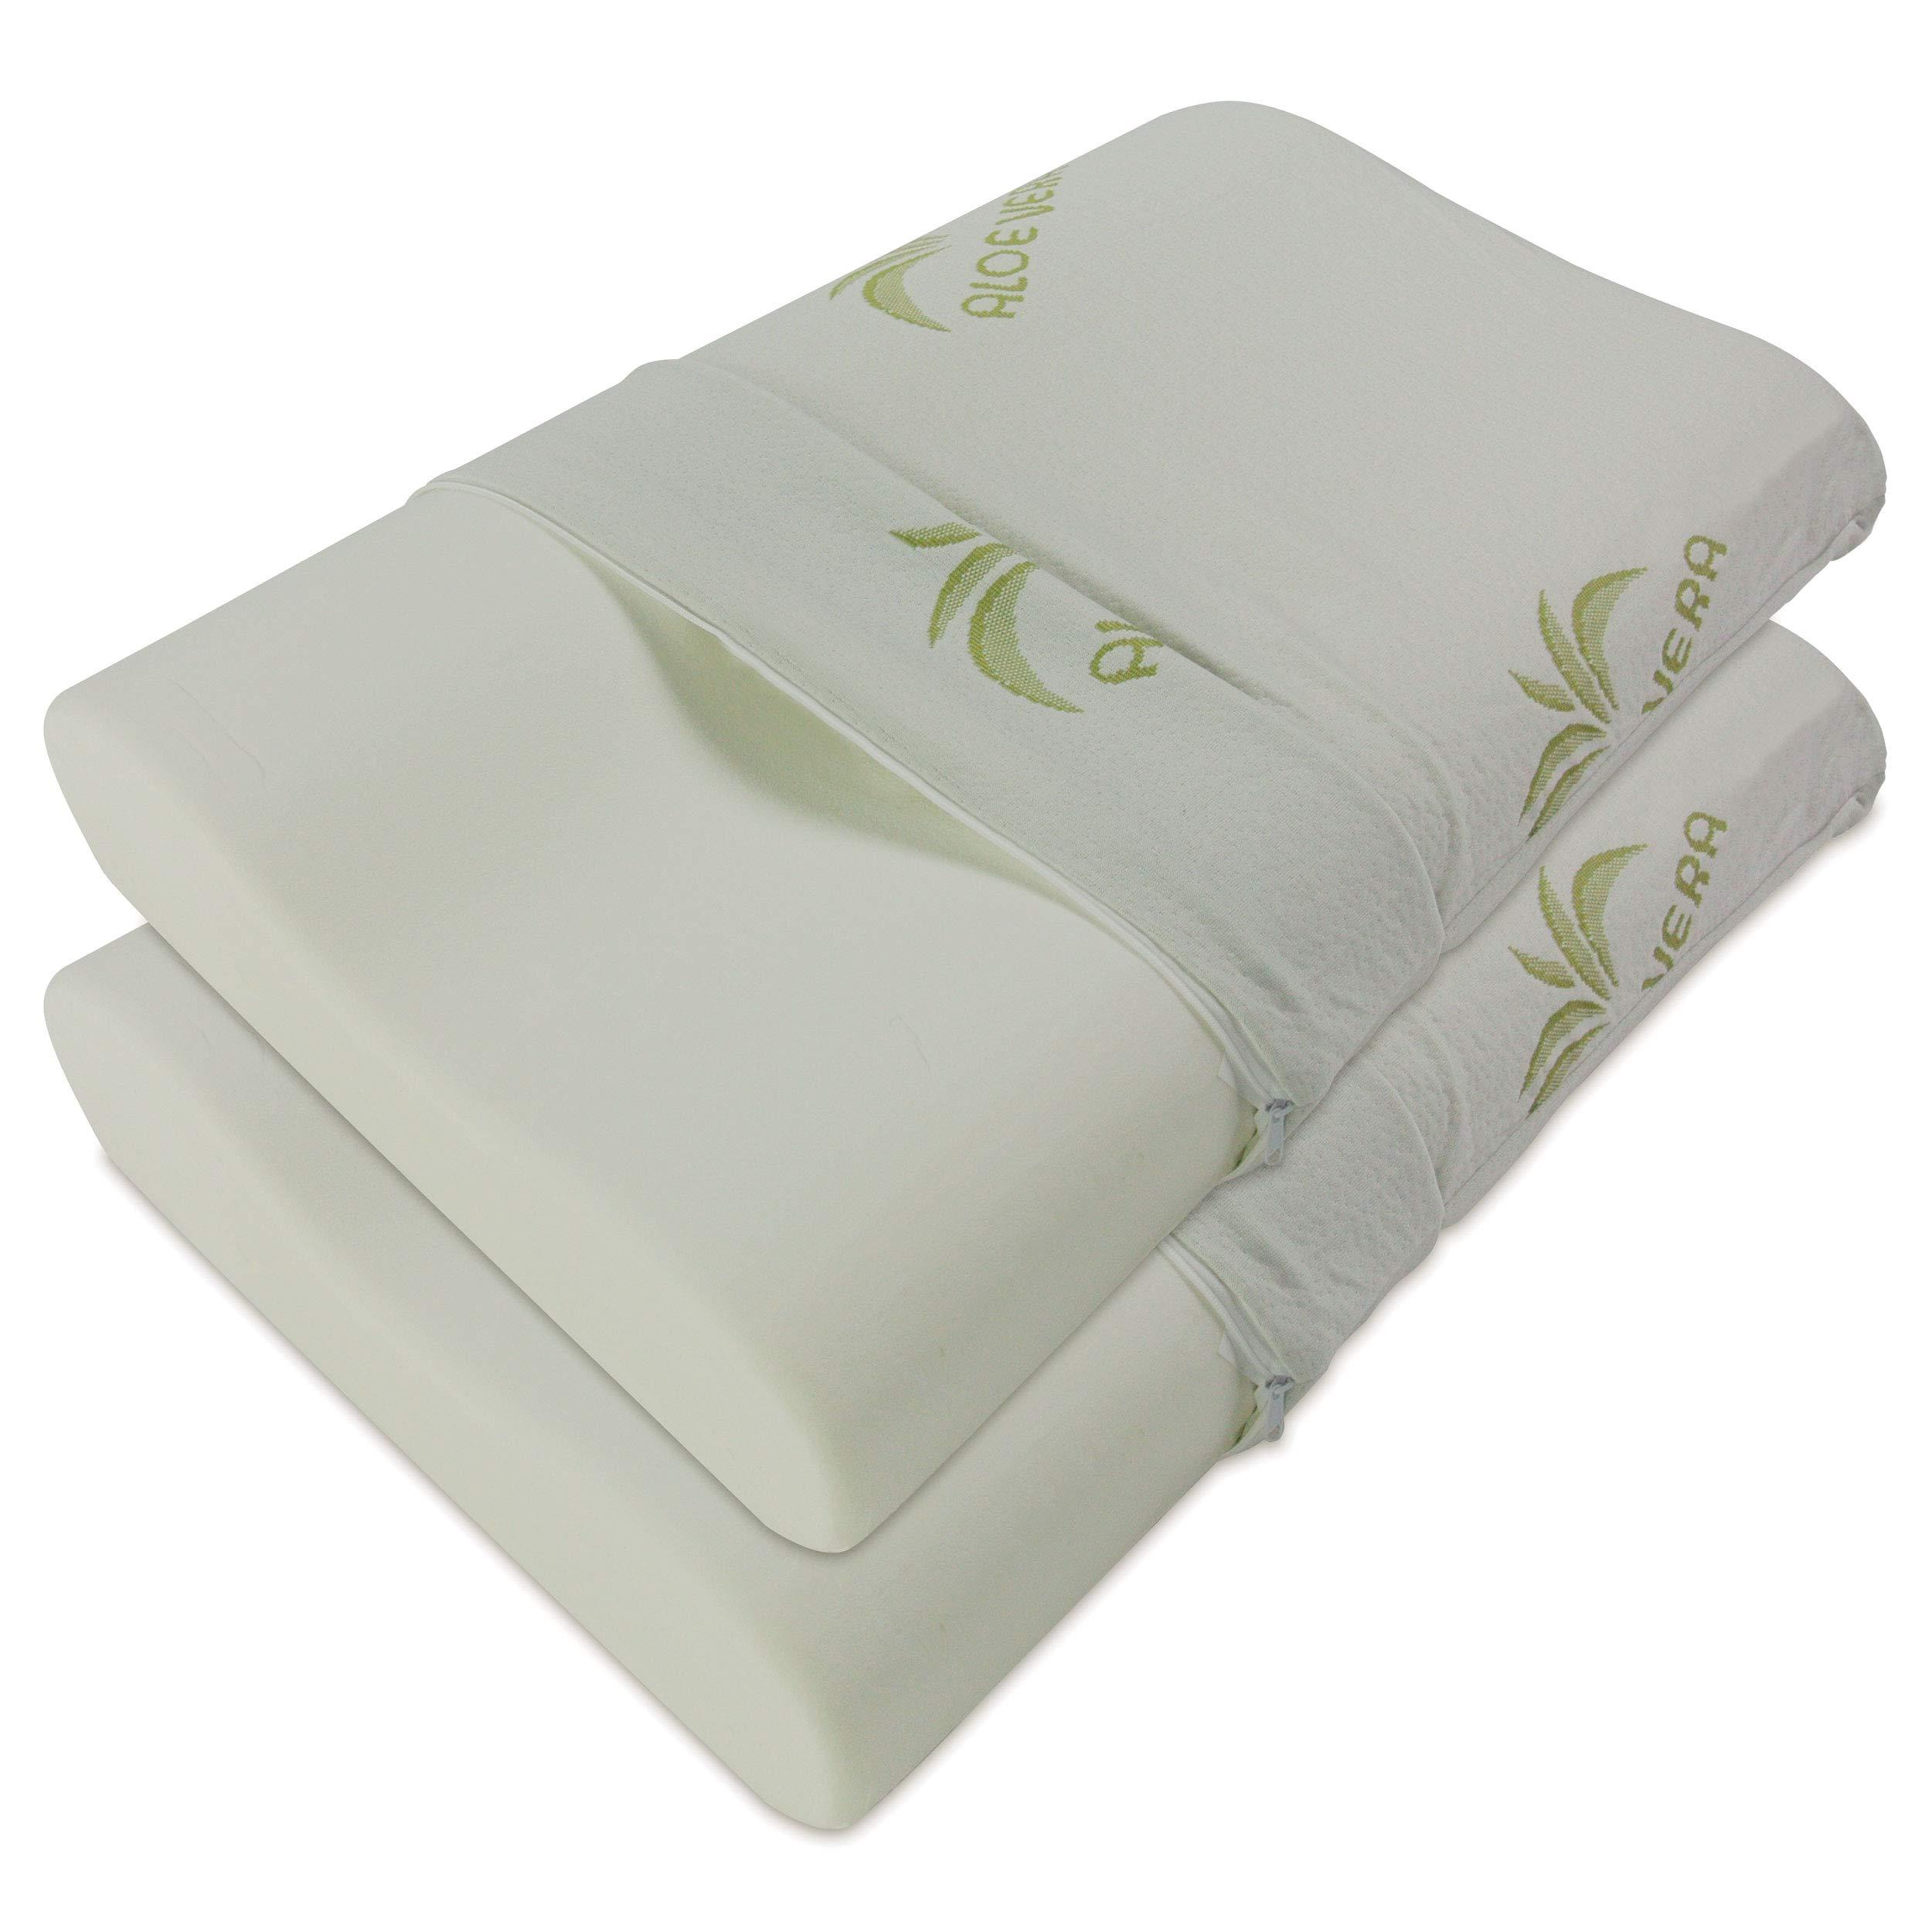 Baldiflex Pack de 2 Almohadas Viscoelástica, Cervical de Cama, Ergonómico Terapéutico Reduce Dolores Cervicales, Funda de Aloe Vera Extraíble y Lavable: Amazon.es: Hogar